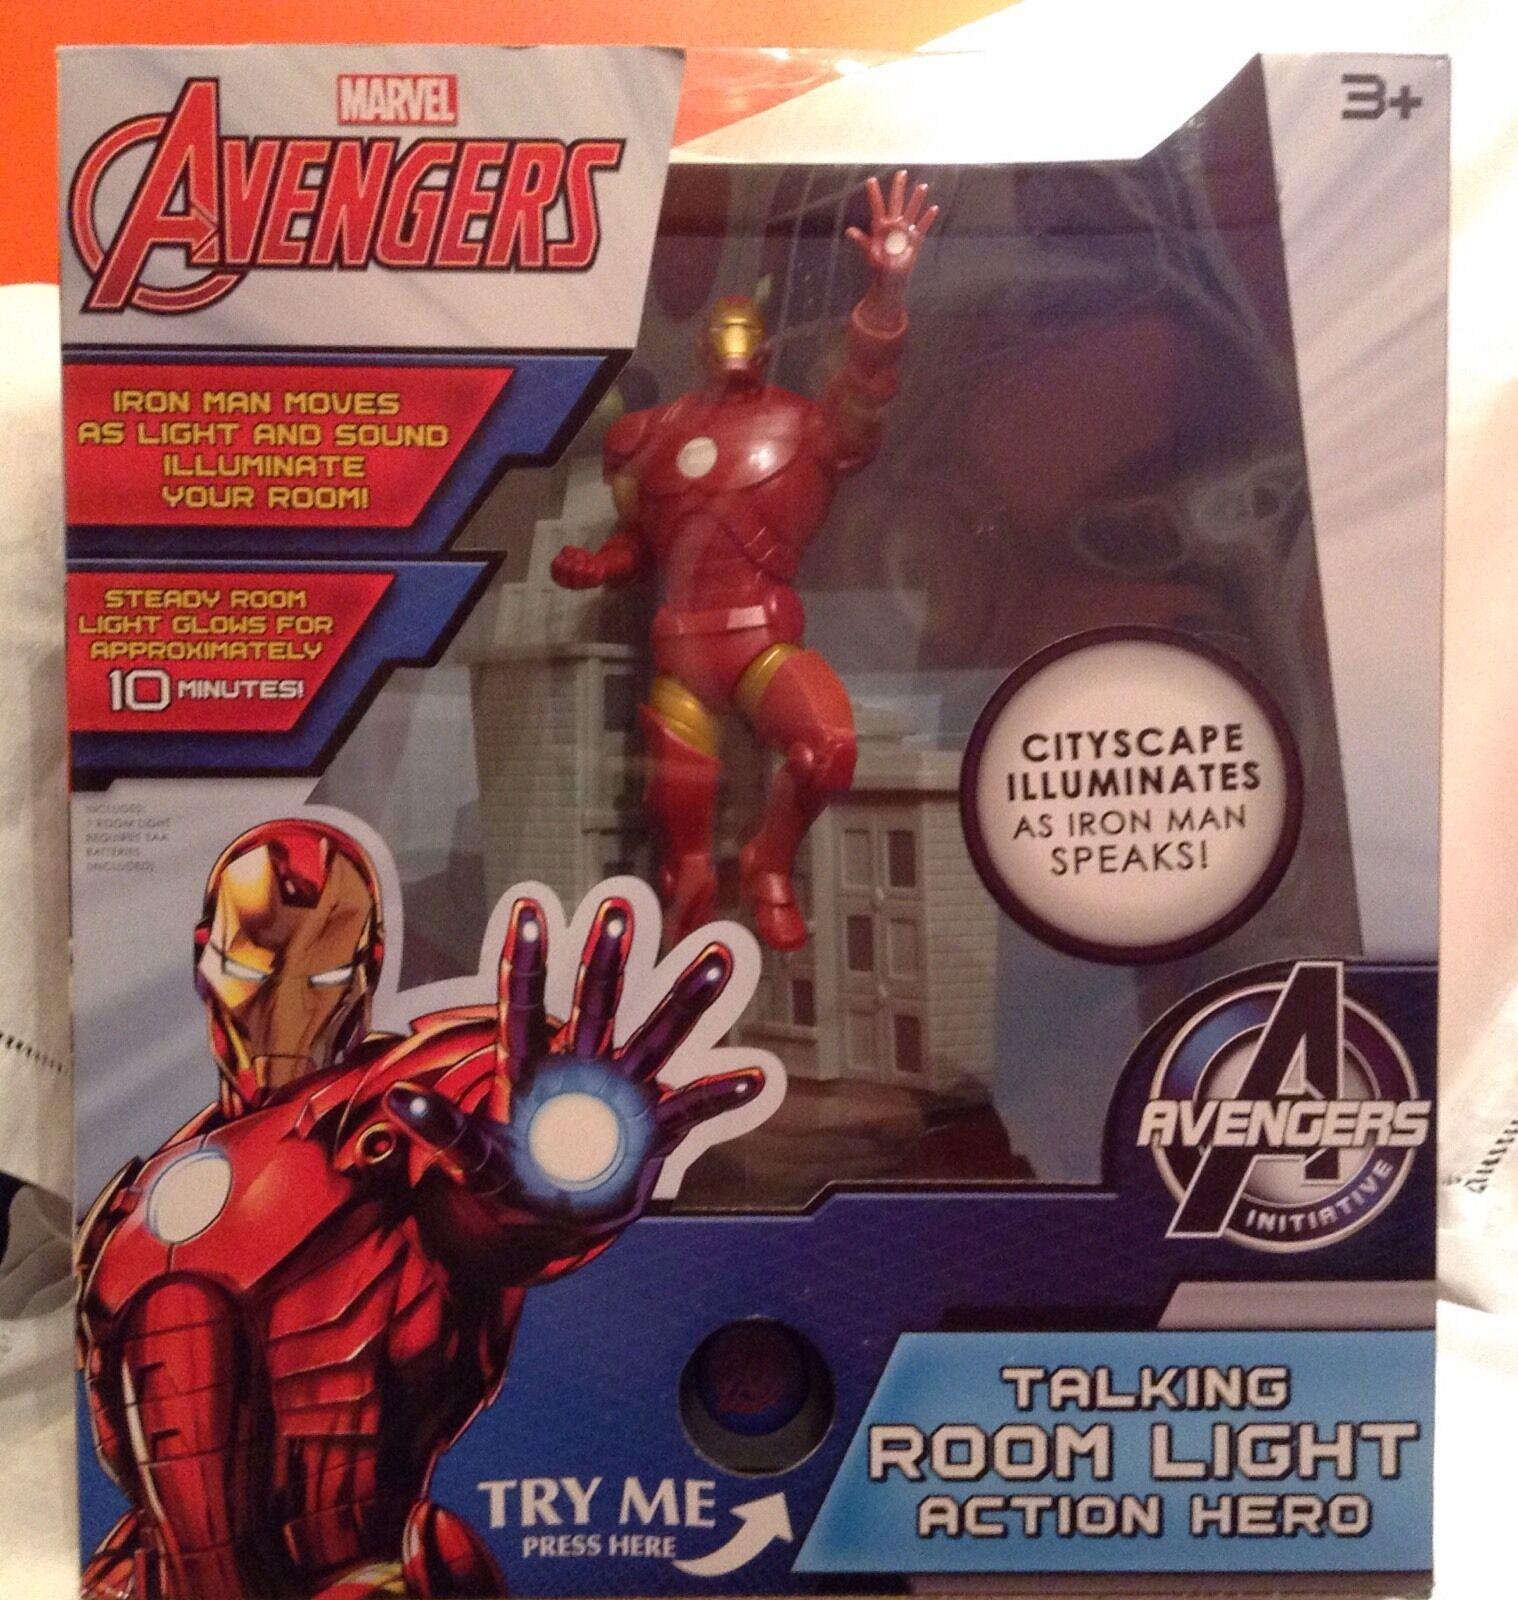 Marvel avengers sprechzimmer licht actionheld - iron - man - 11.